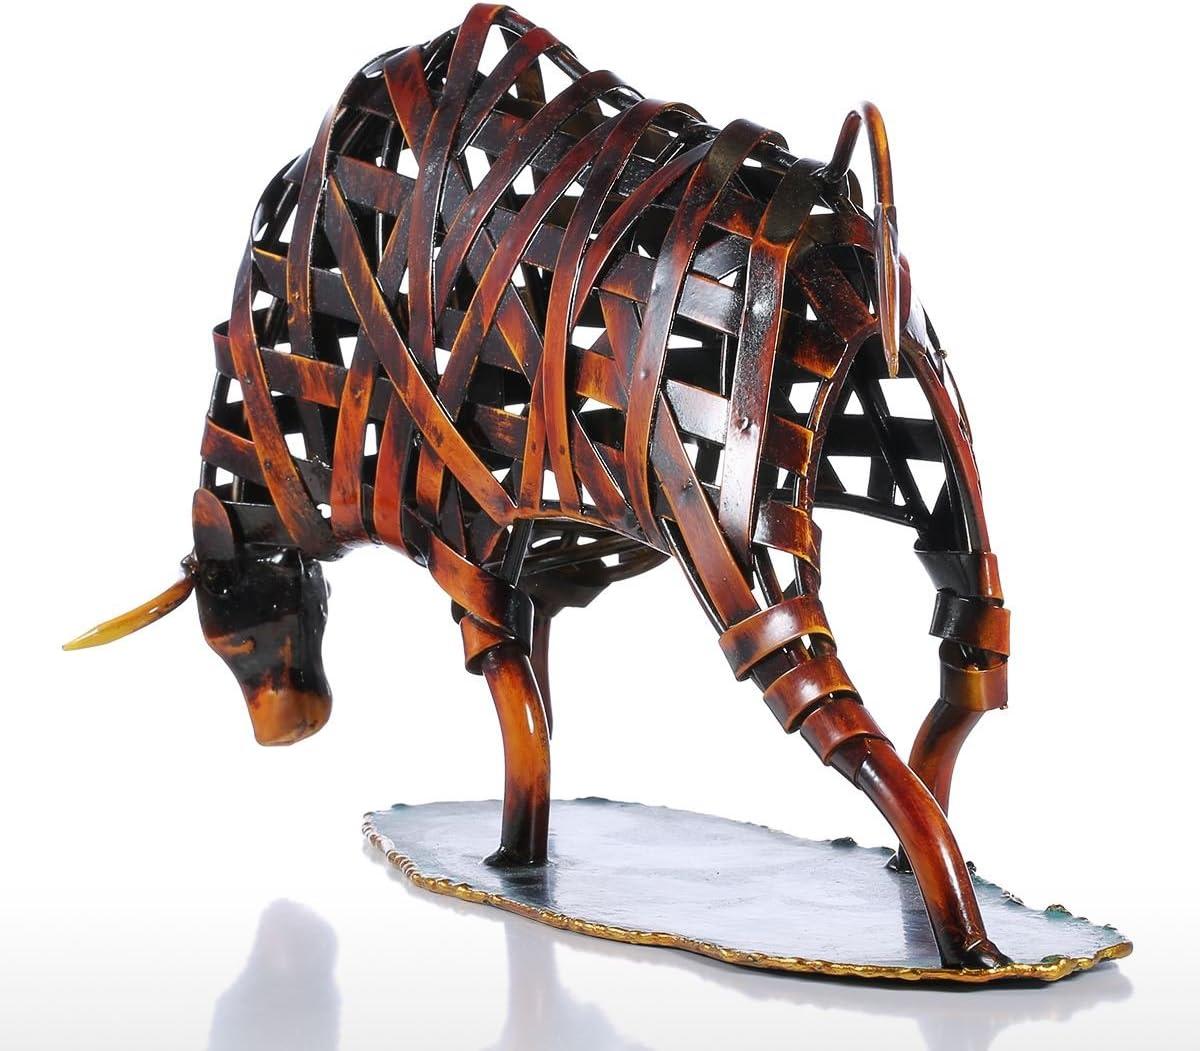 Lechnical Tooarts Metallo Tessitura Bestiame Ferro Rosso Scultura Regalo del mestiere Animale Statuetta Arte Moderna Home Decor Astratta